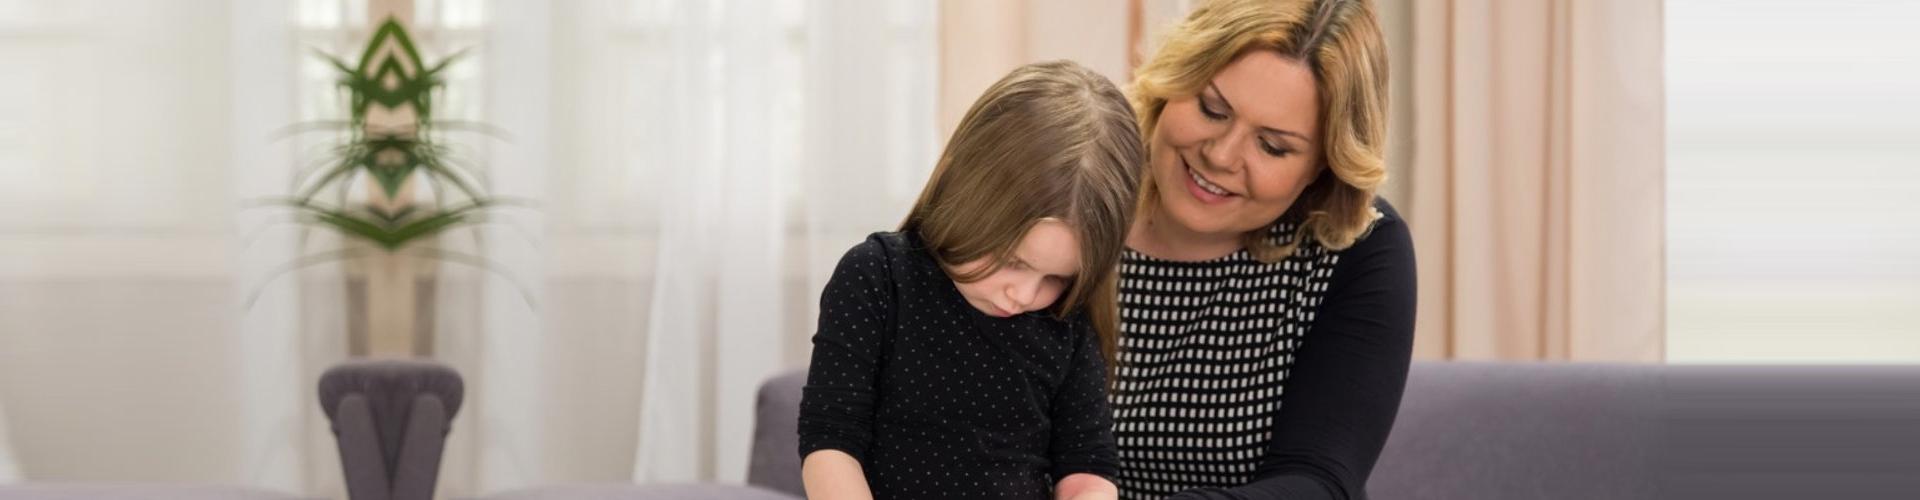 caregiver teaching a little girl